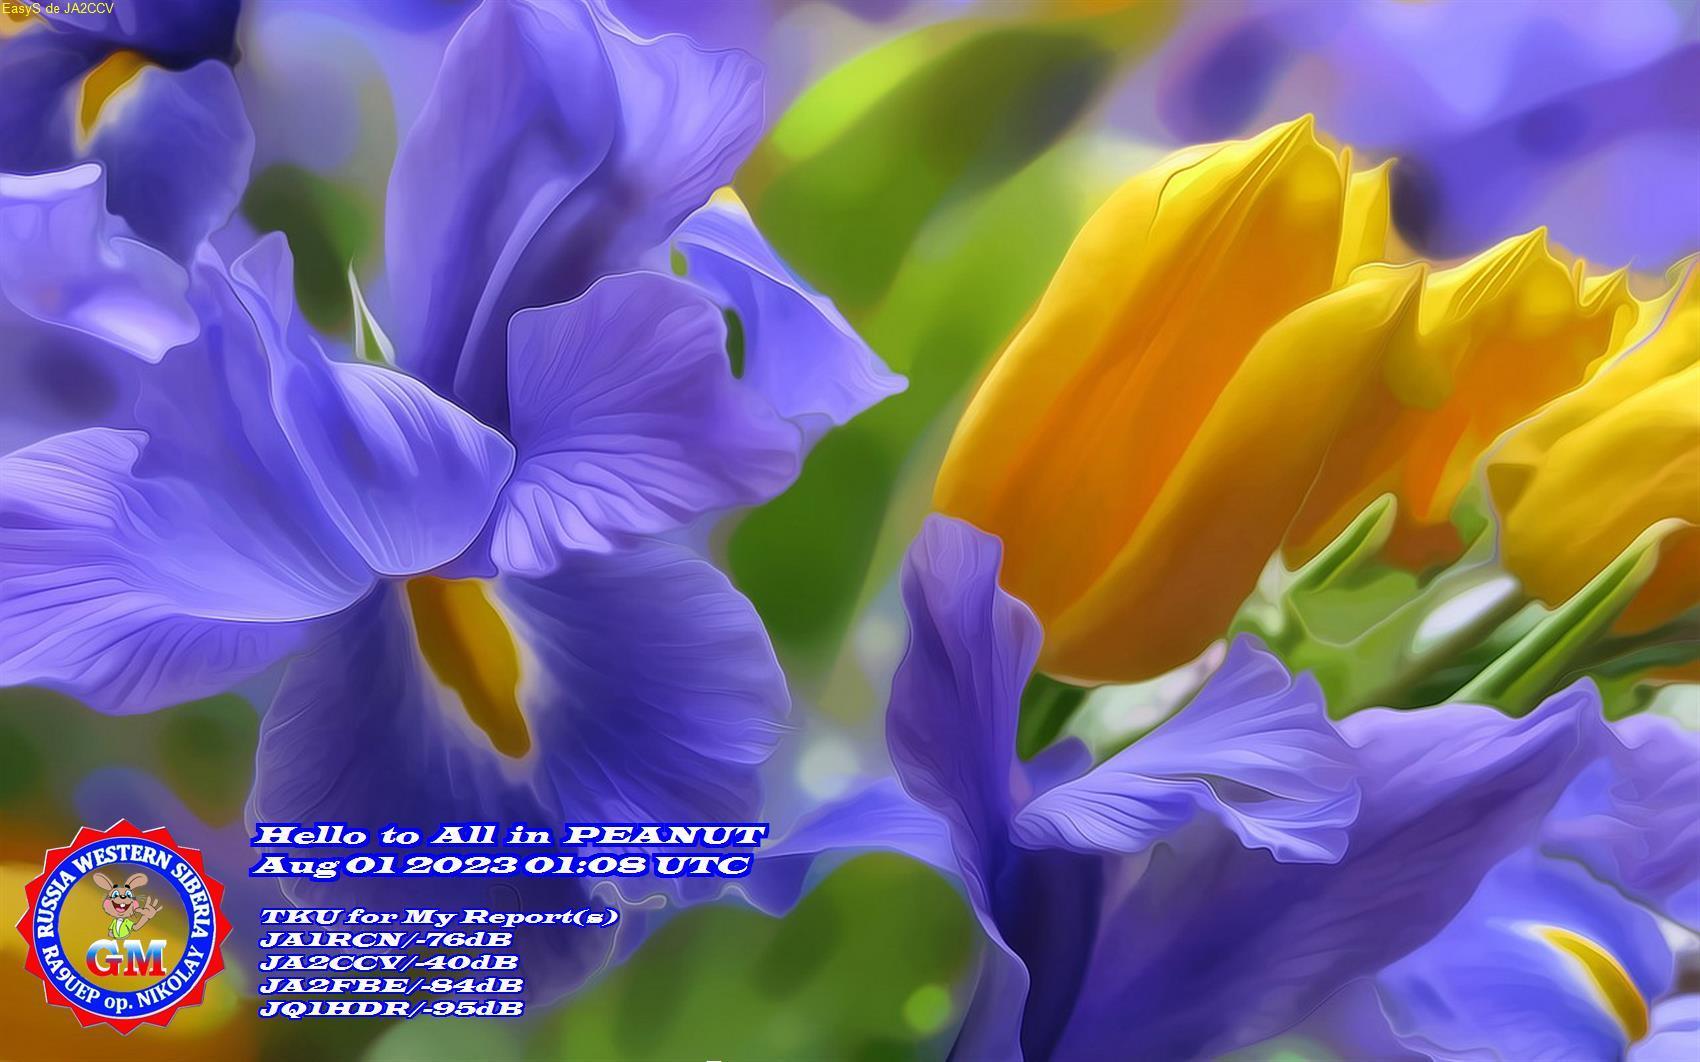 JA2CCV/